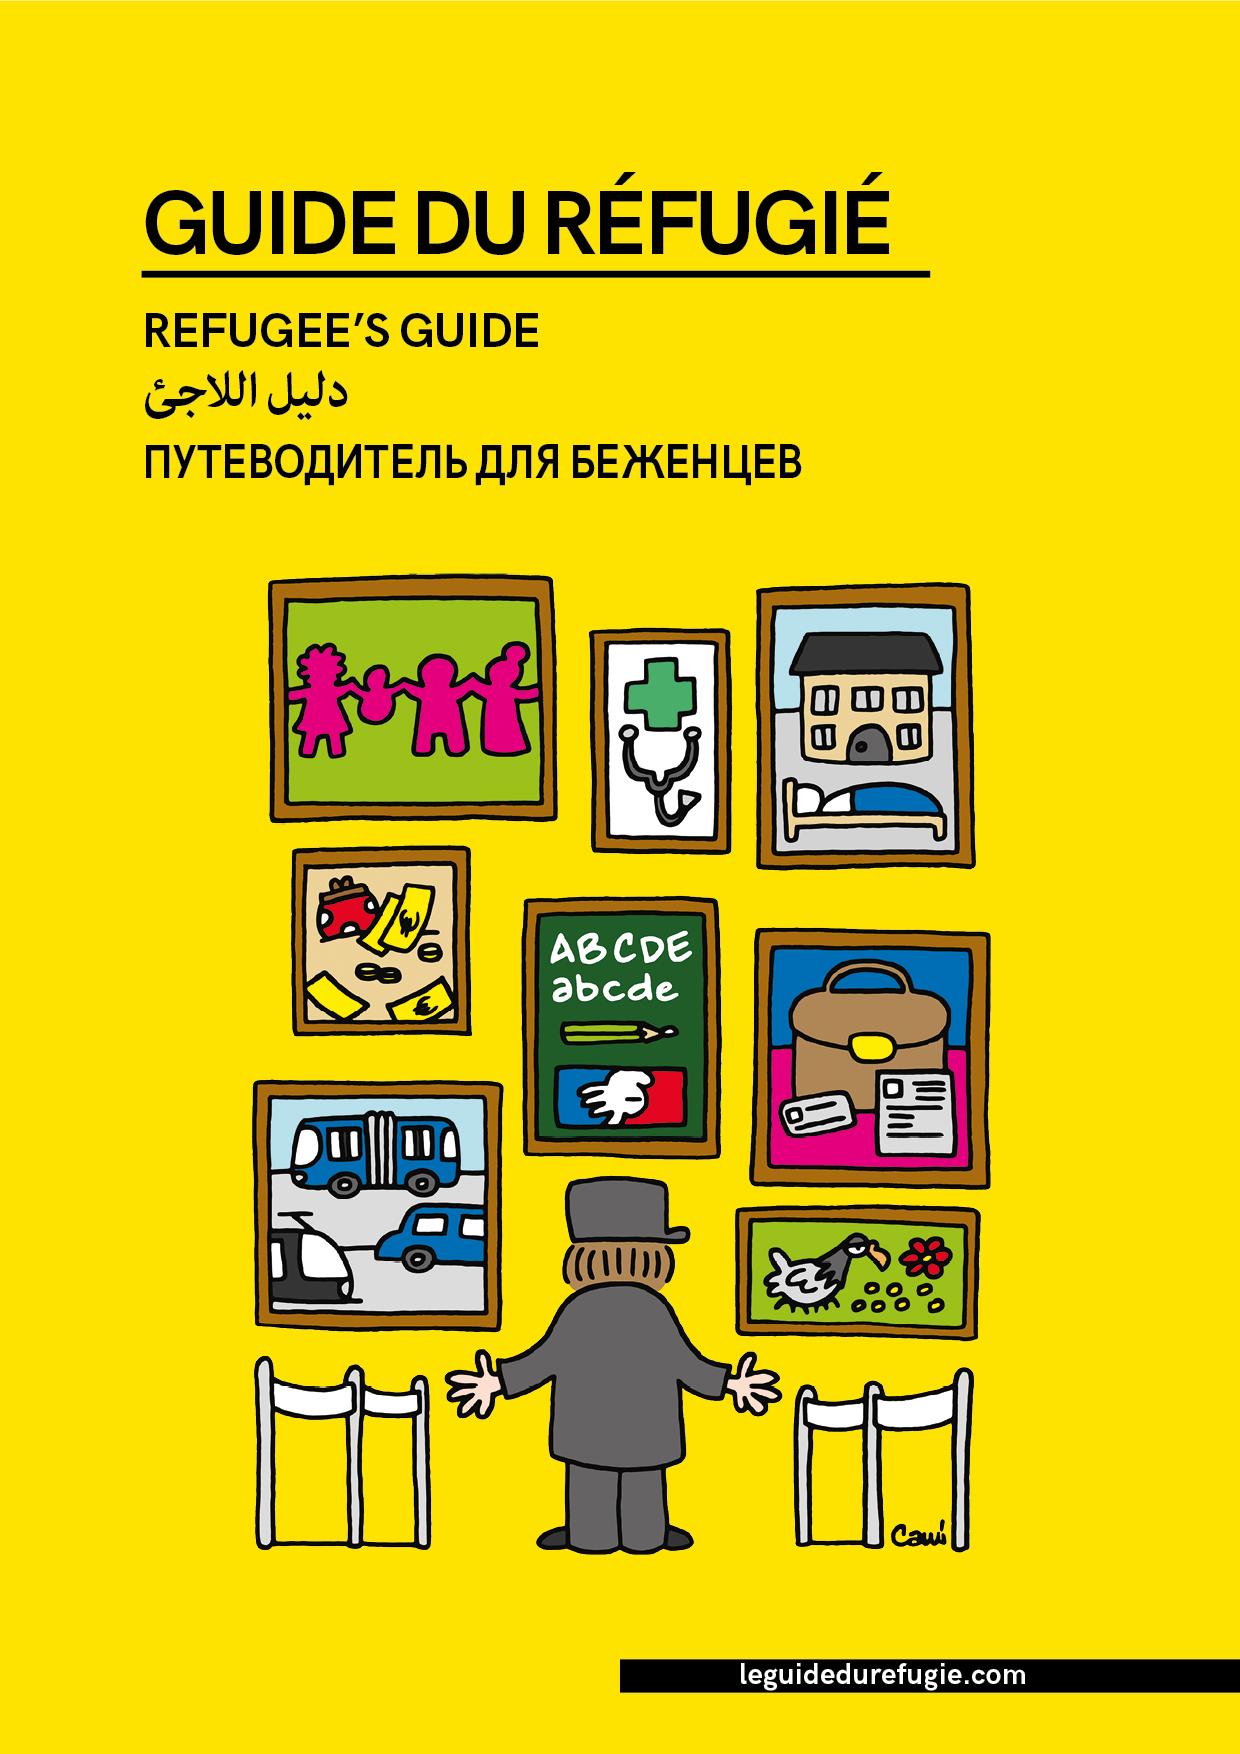 le guide du refugie couverture guide numerique